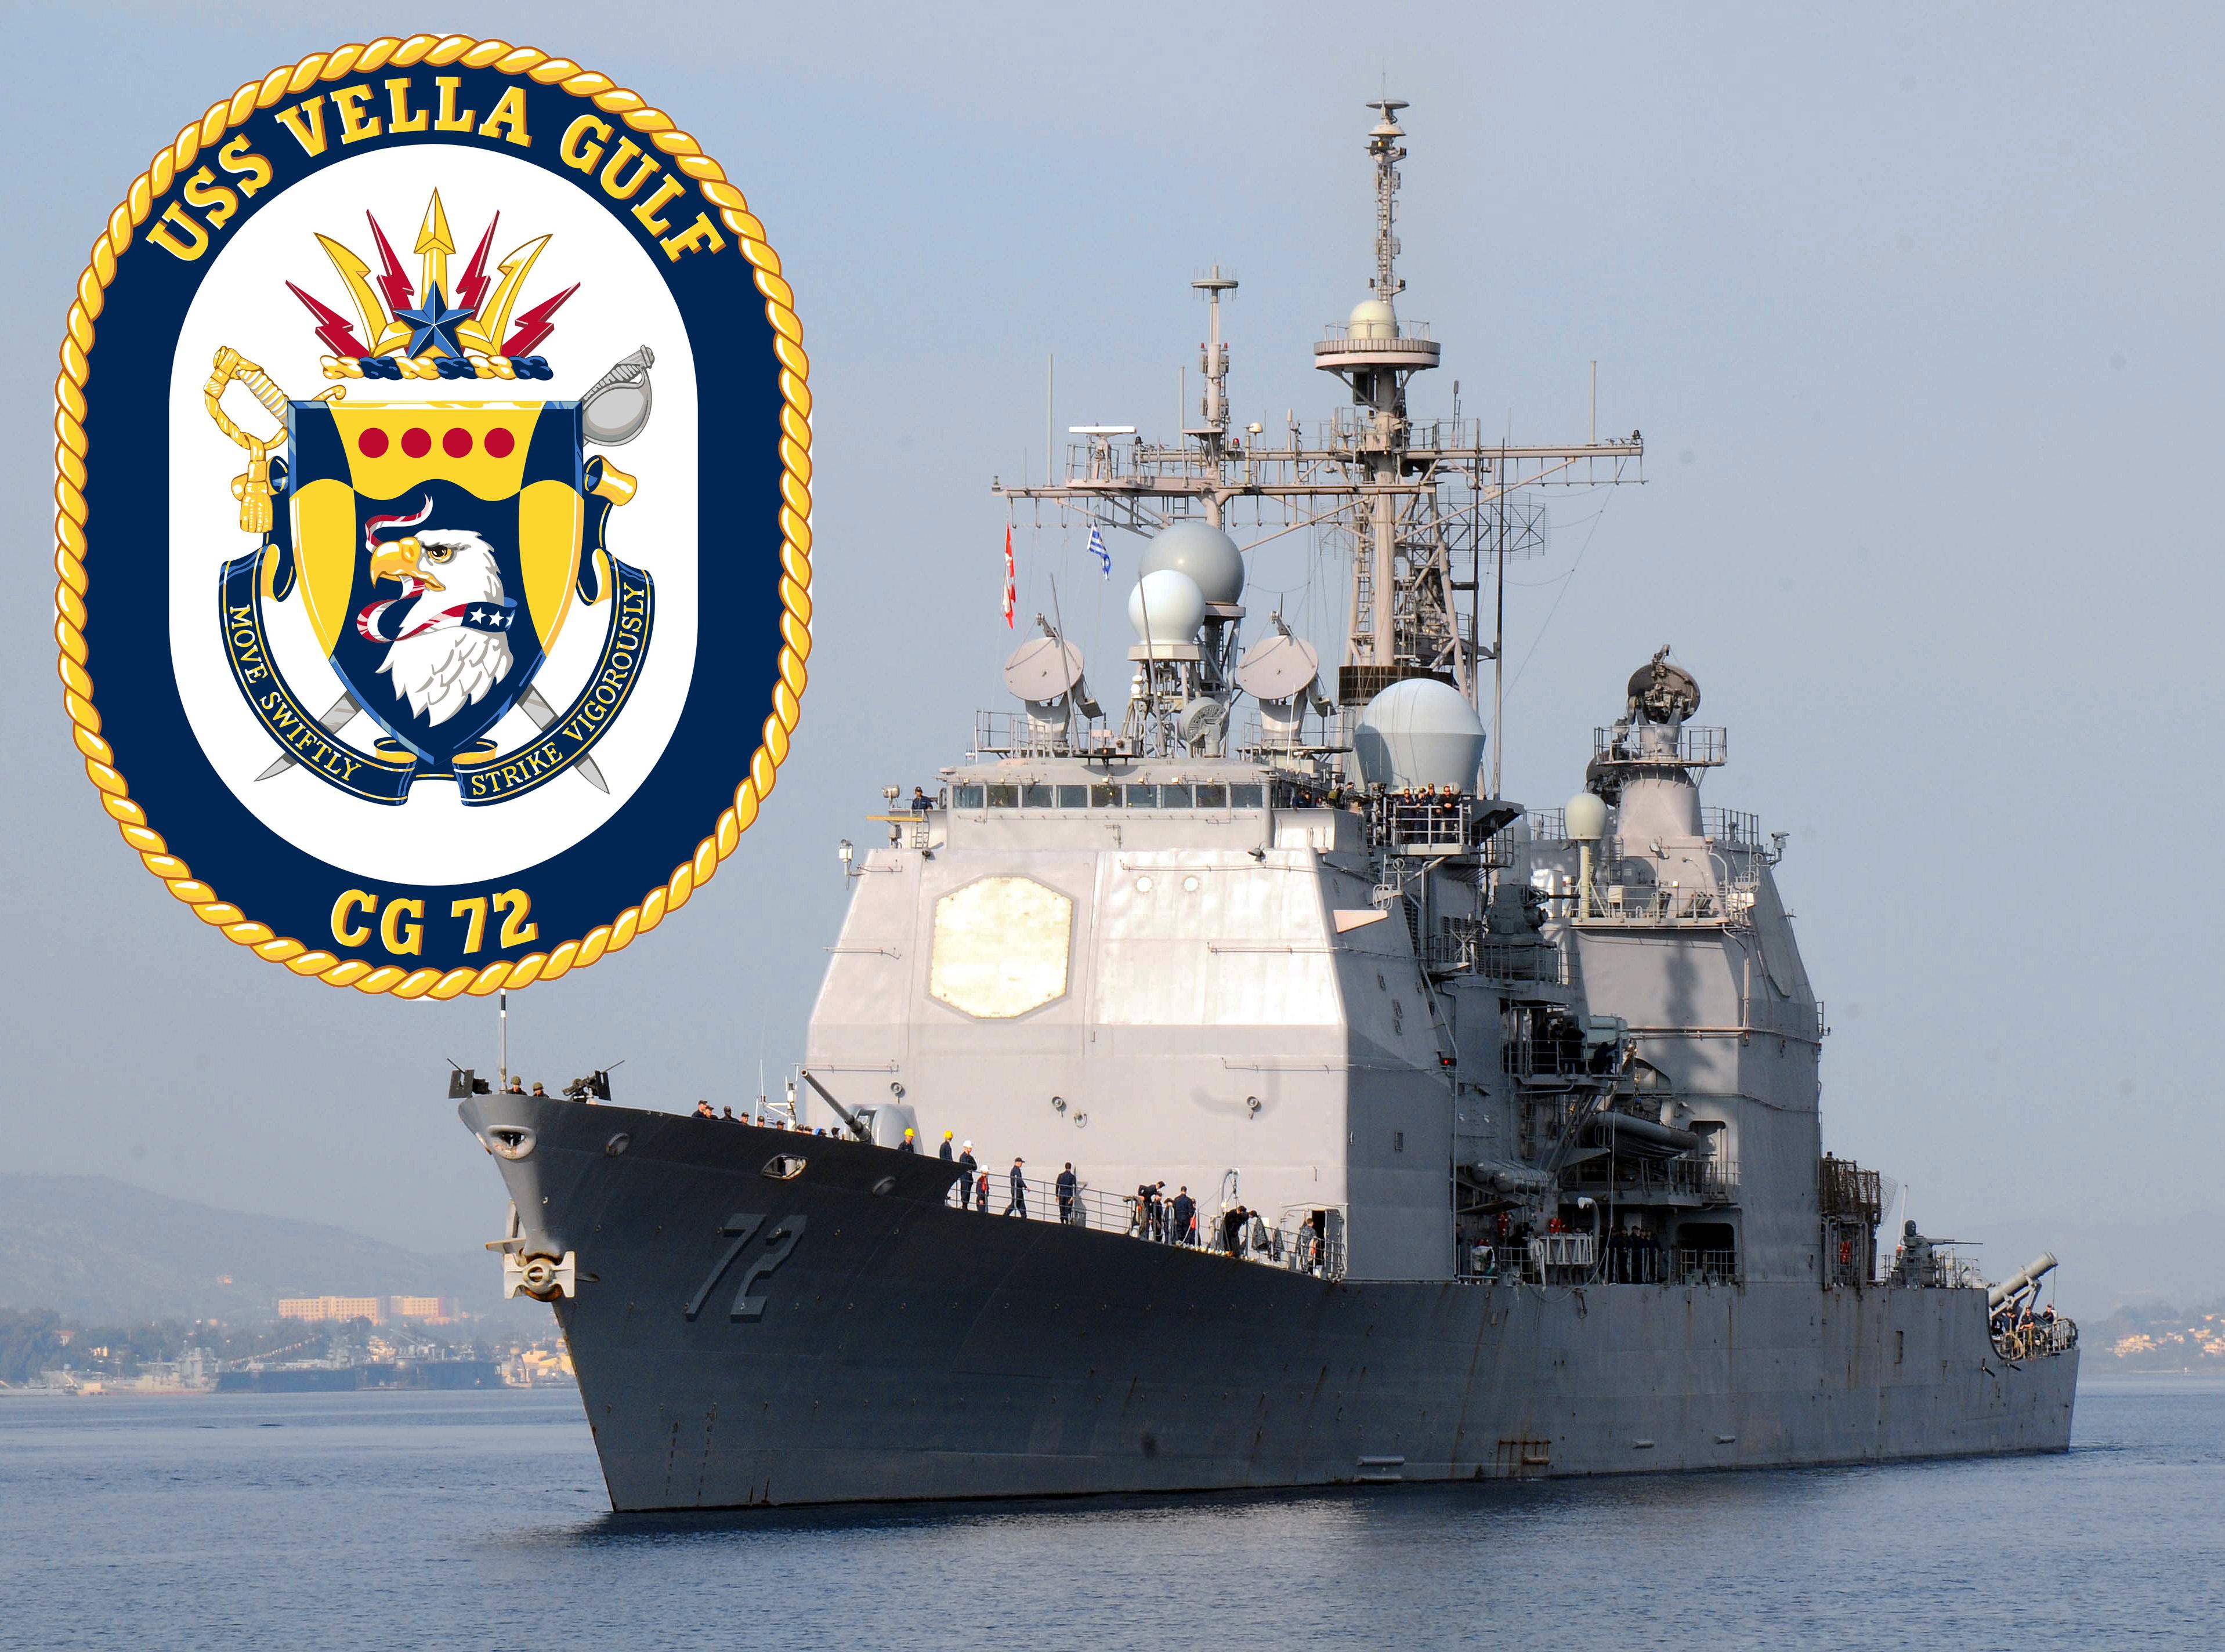 USS VELLA GULF CG-72 Bild und Grafik: U.S. Navy